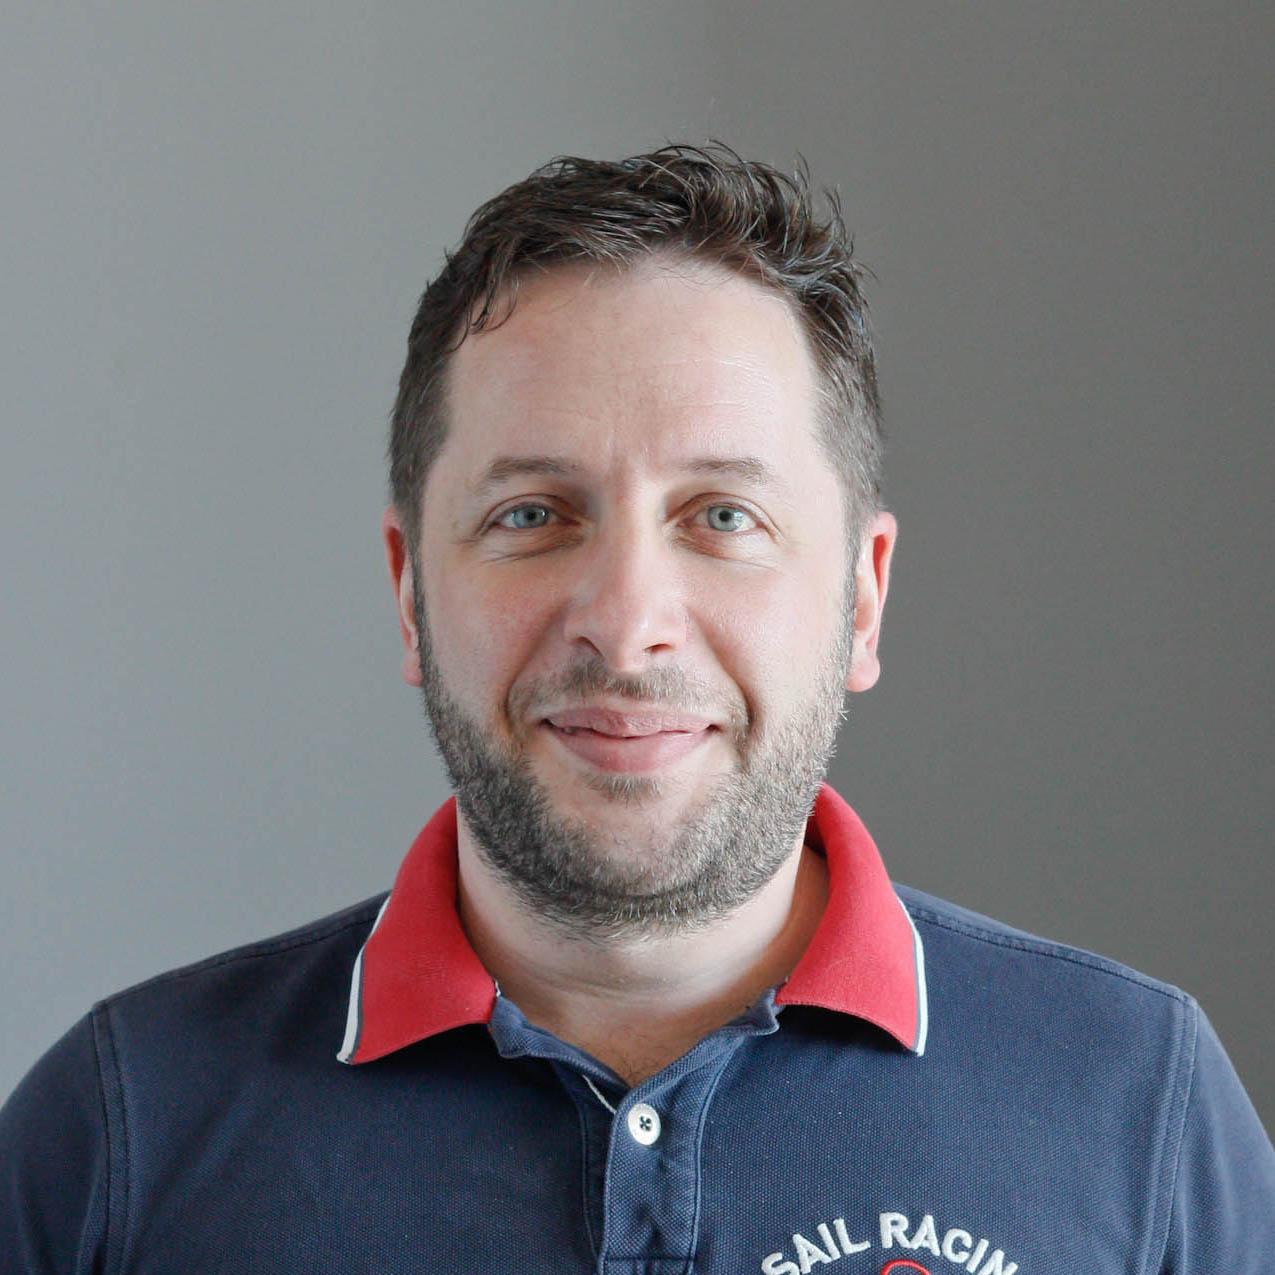 Sarantis Giatrellis, PhD